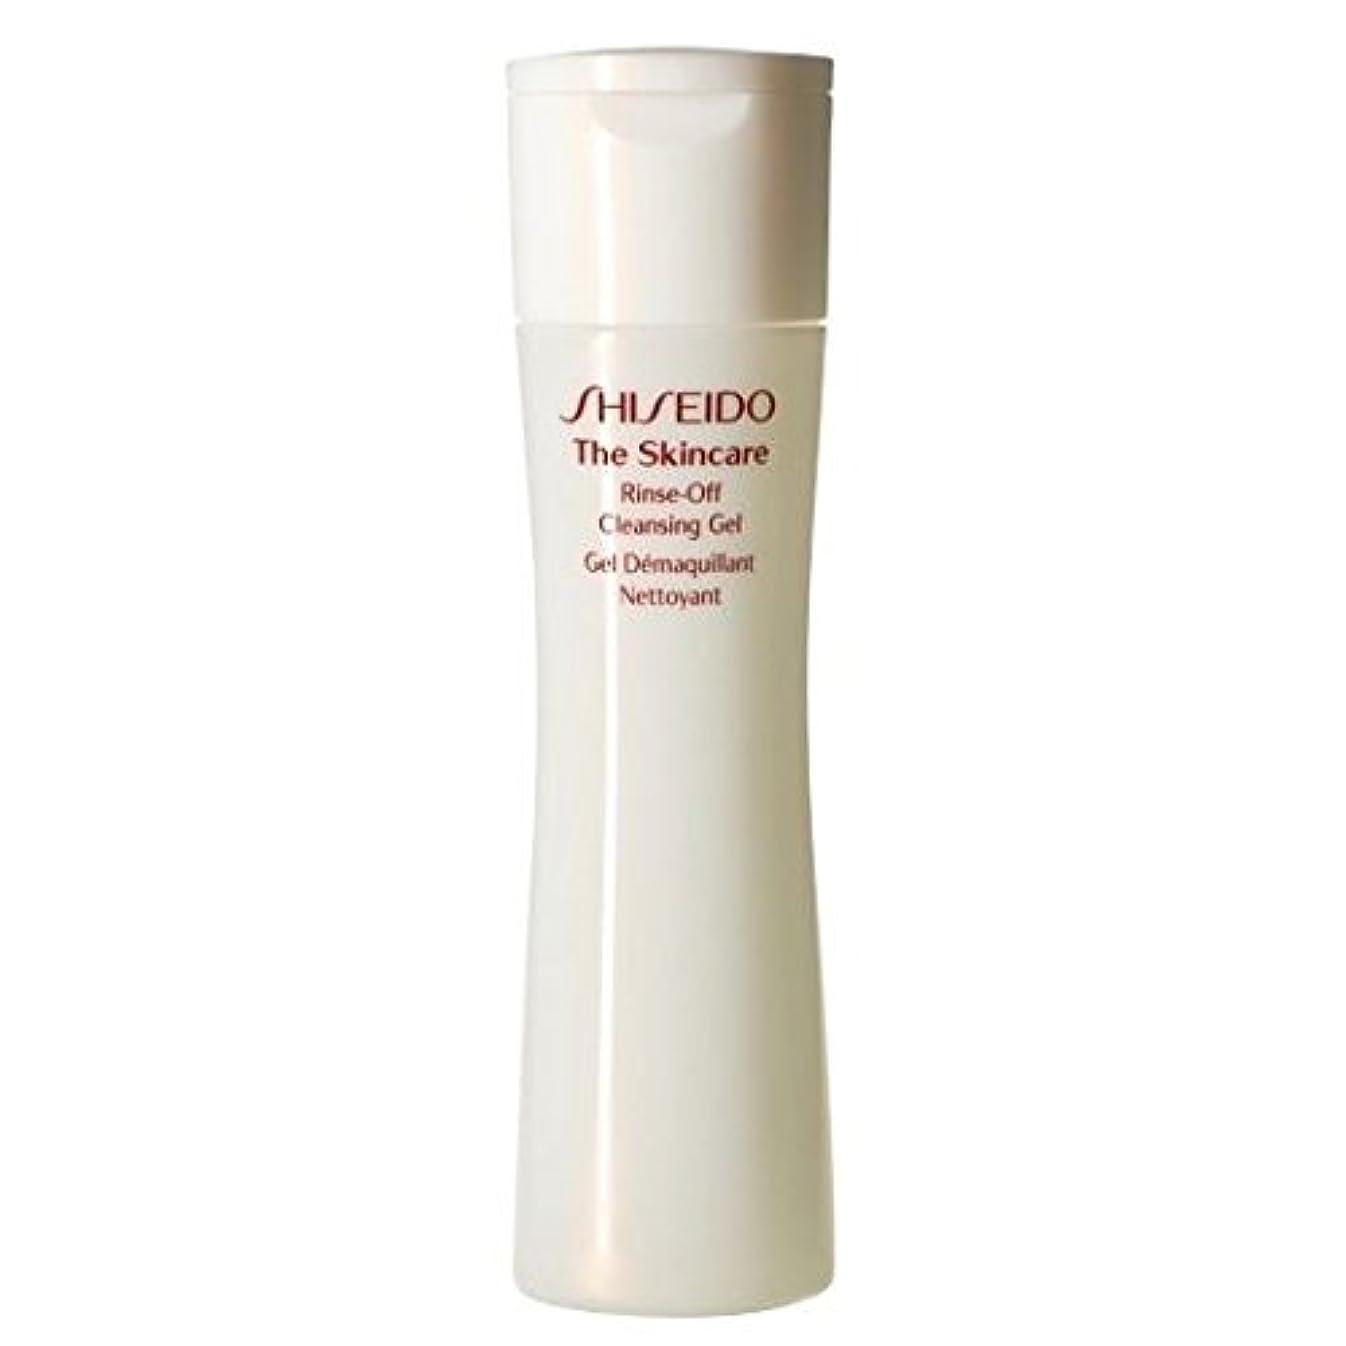 本物有望単語[Shiseido] スキンケアリンスオフクレンジングジェル、200ミリリットルを資生堂 - Shiseido The Skincare Rinse-Off Cleansing Gel, 200ml [並行輸入品]